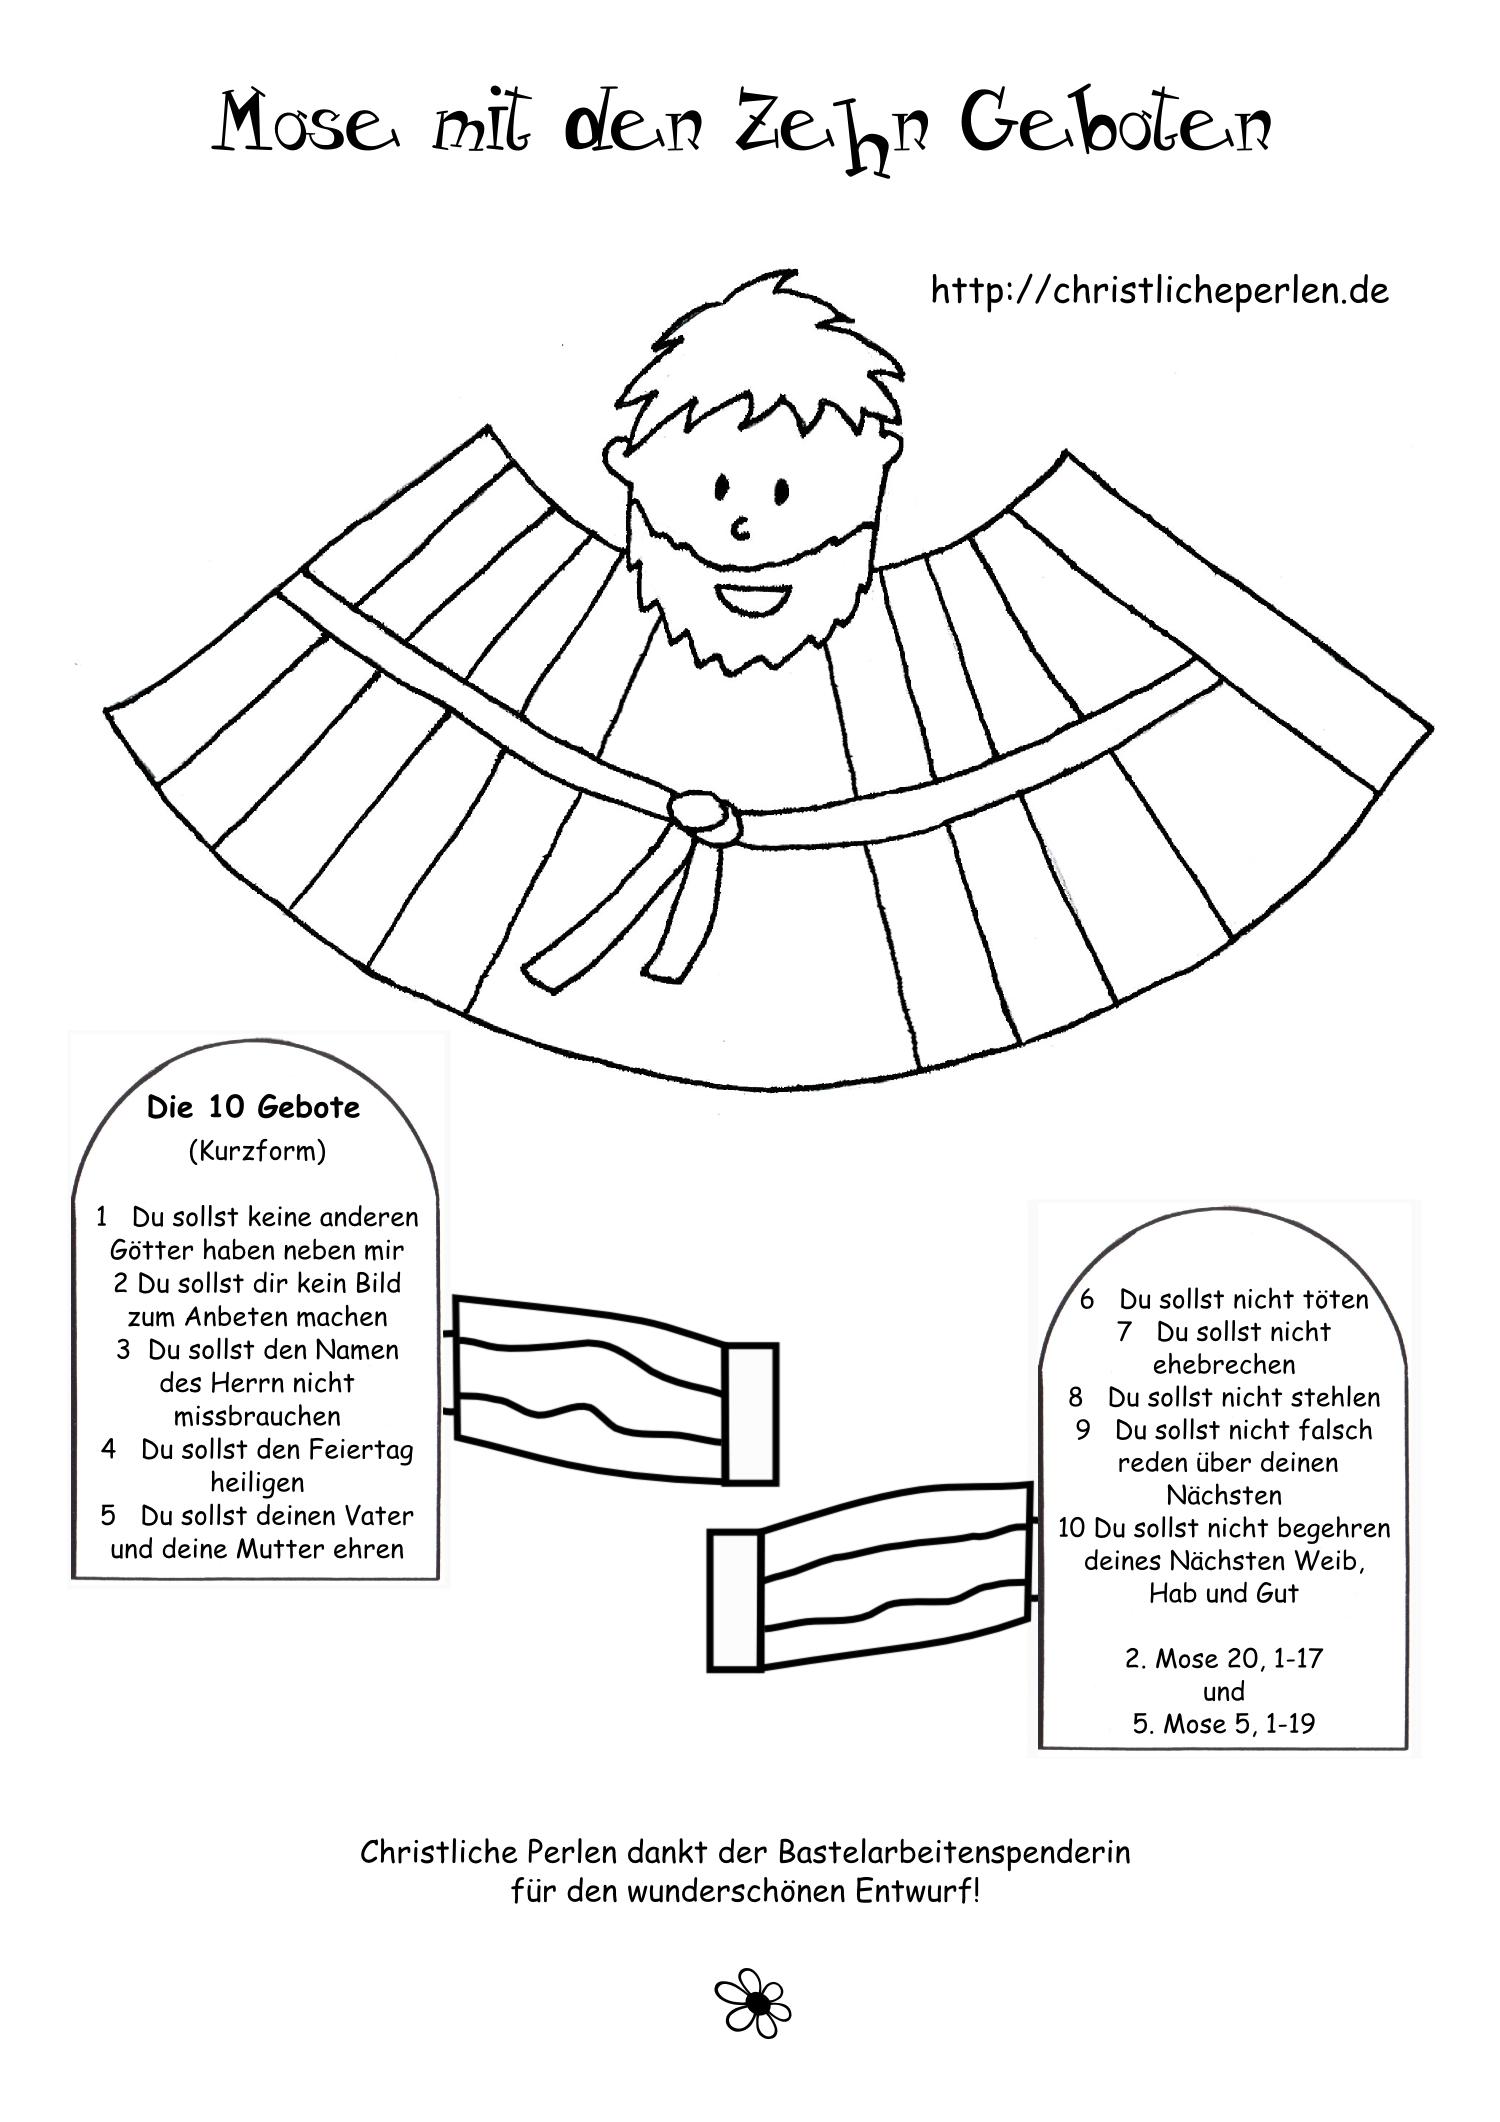 basteln zu den zehn geboten christliche perlen. Black Bedroom Furniture Sets. Home Design Ideas